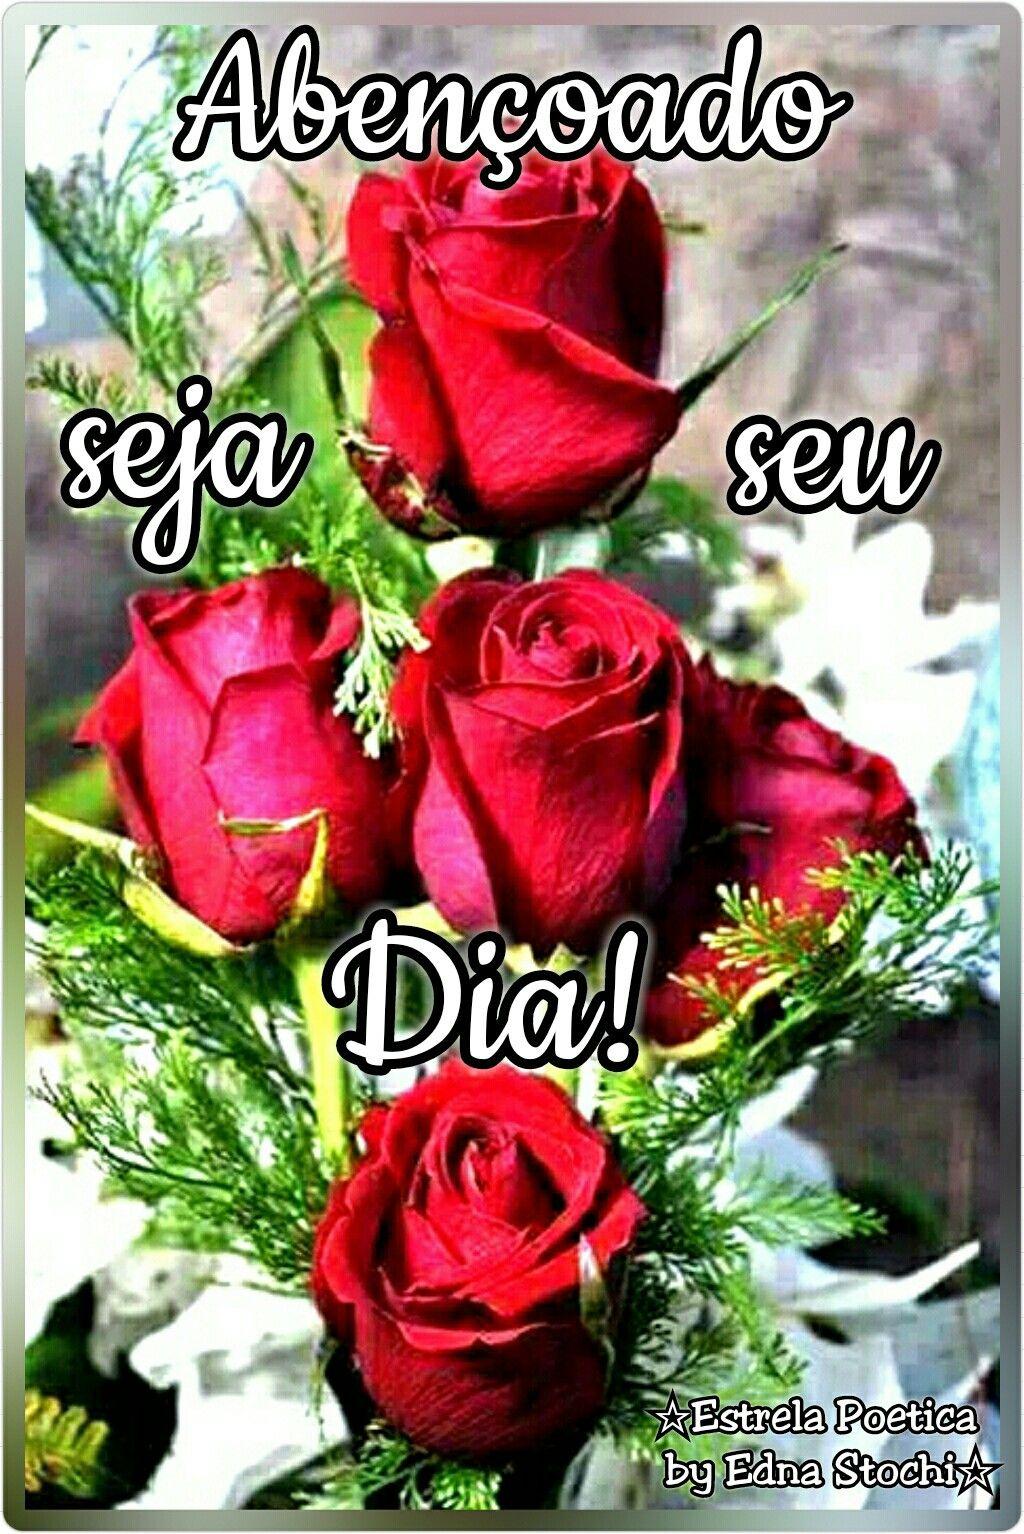 Bom Dia Bomdia Amor Deus Amigos Frases Estrelapoetica